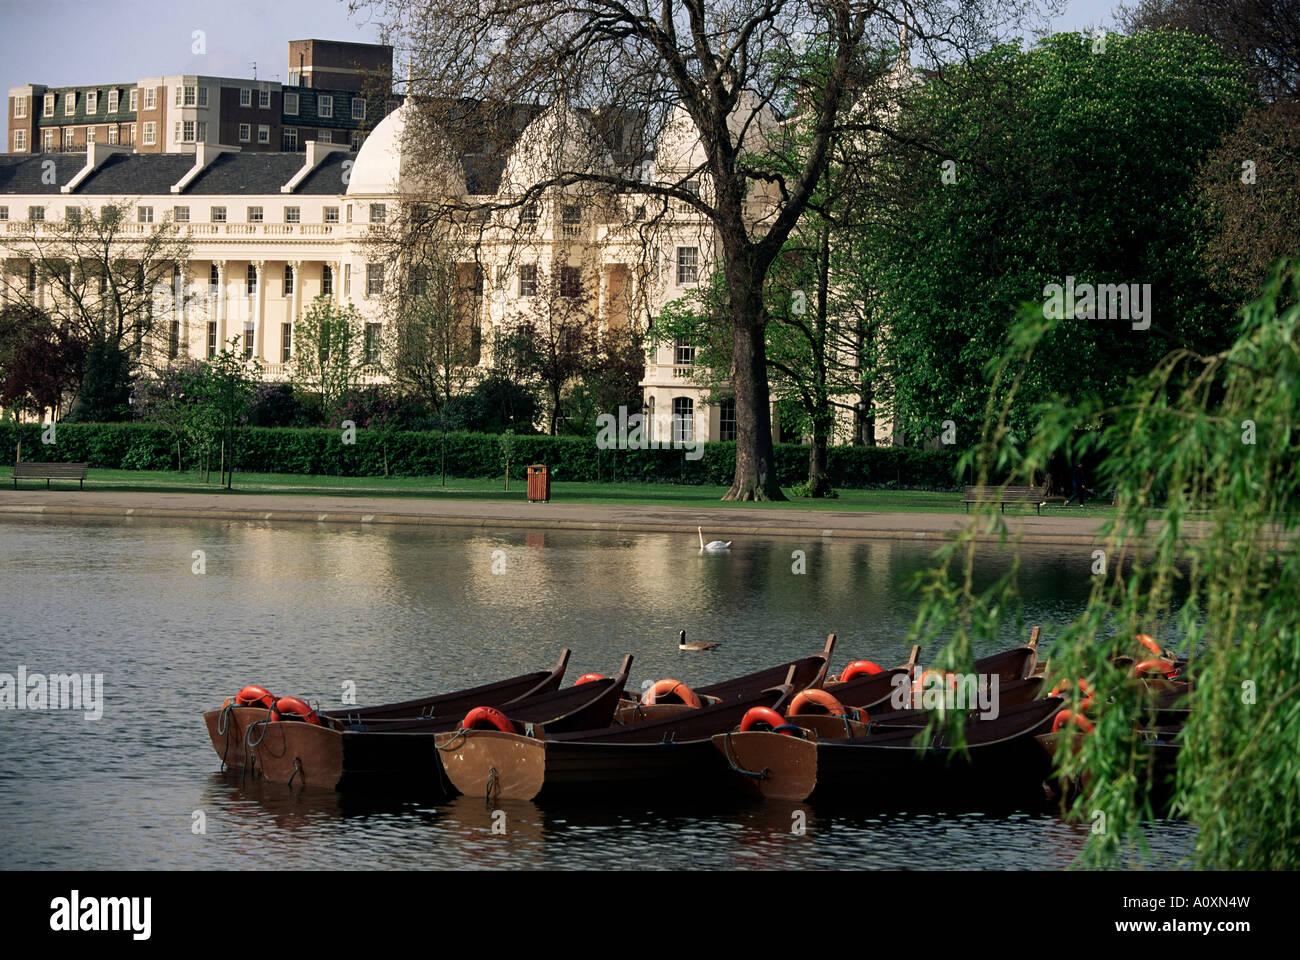 Boats on the lake Regents Park London England United Kingdom Europe Stock Photo